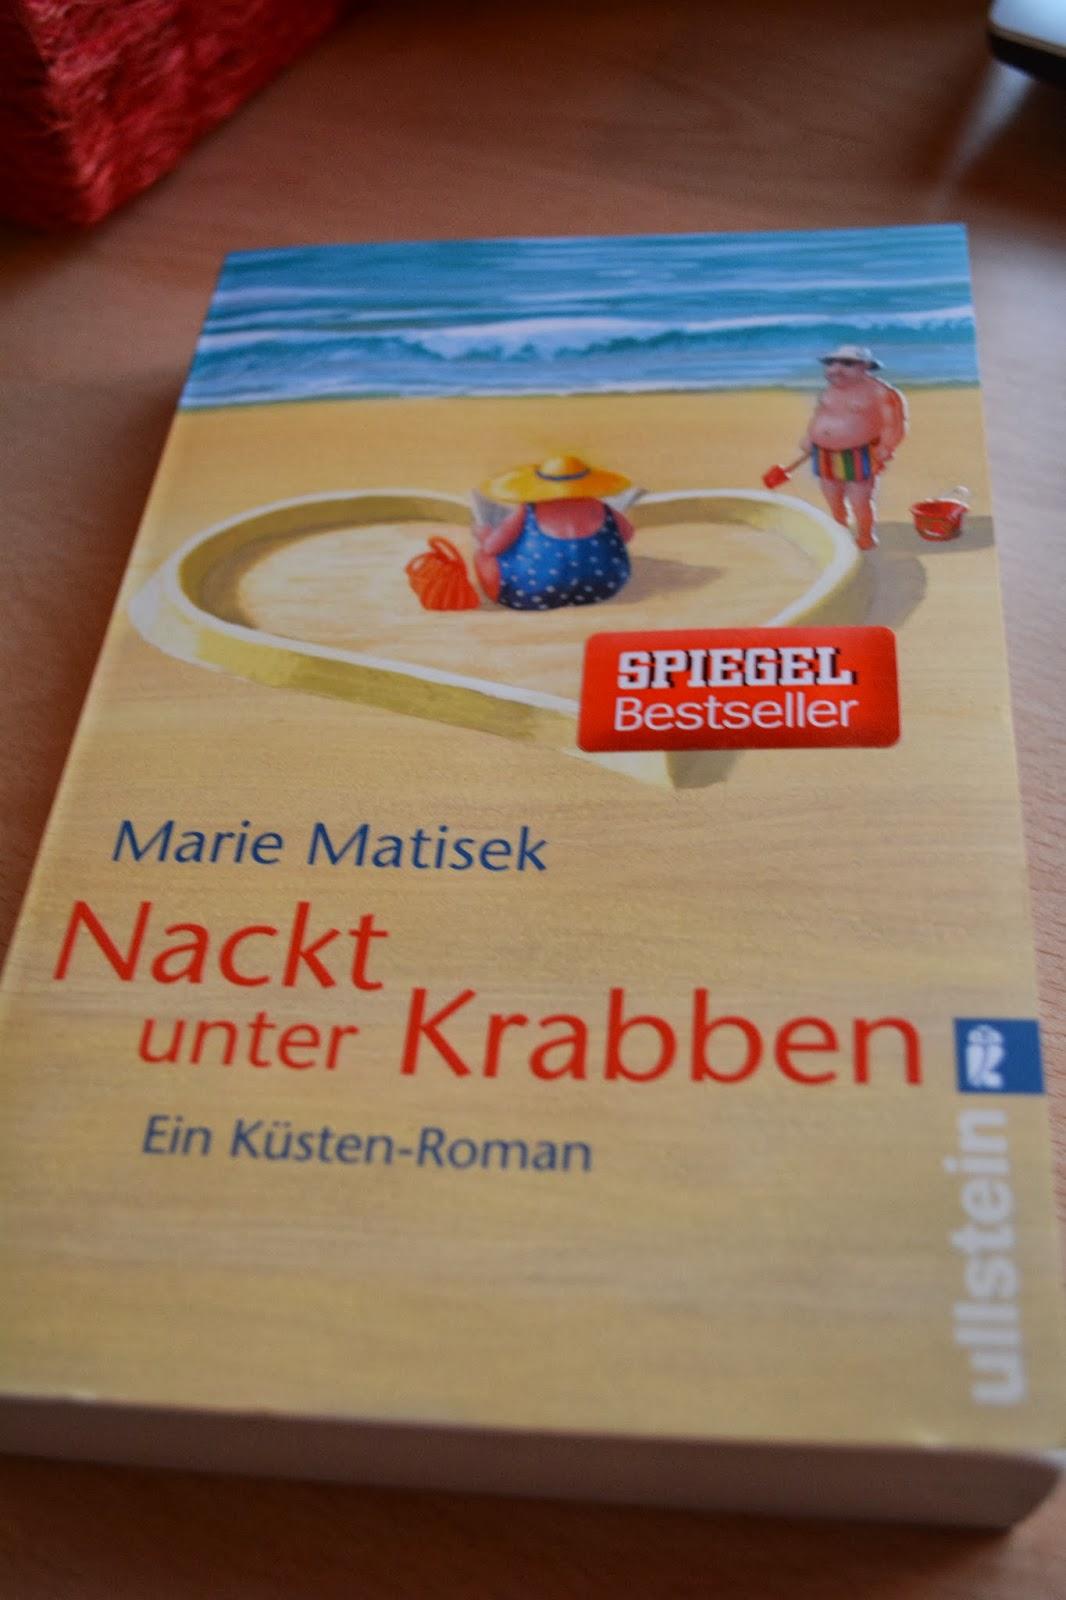 nackt unter krabben: ein küsten-roman